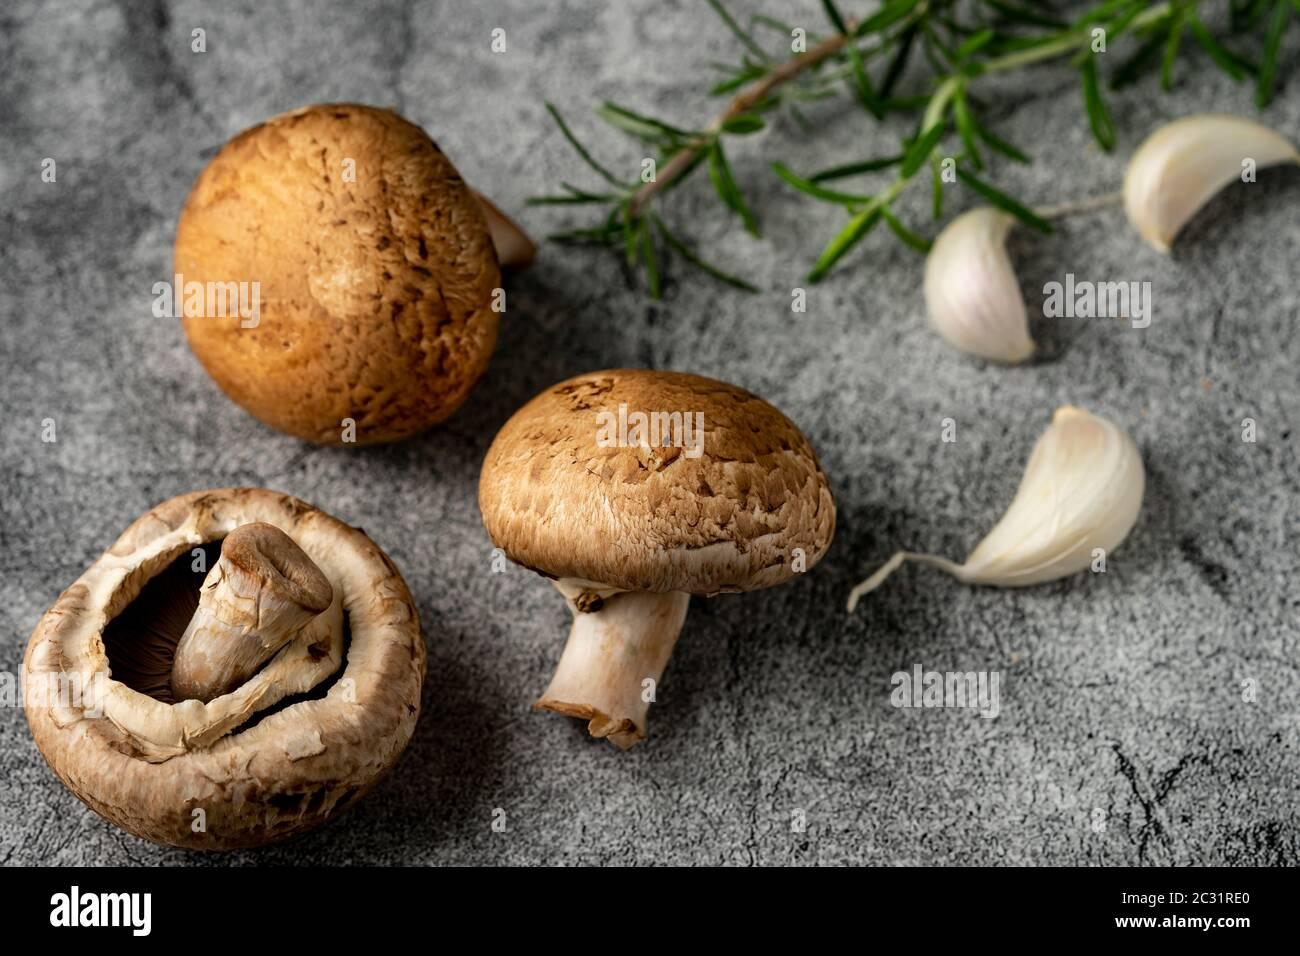 Ingrédients crus. Champignons, romarin et gousse d'ail Banque D'Images